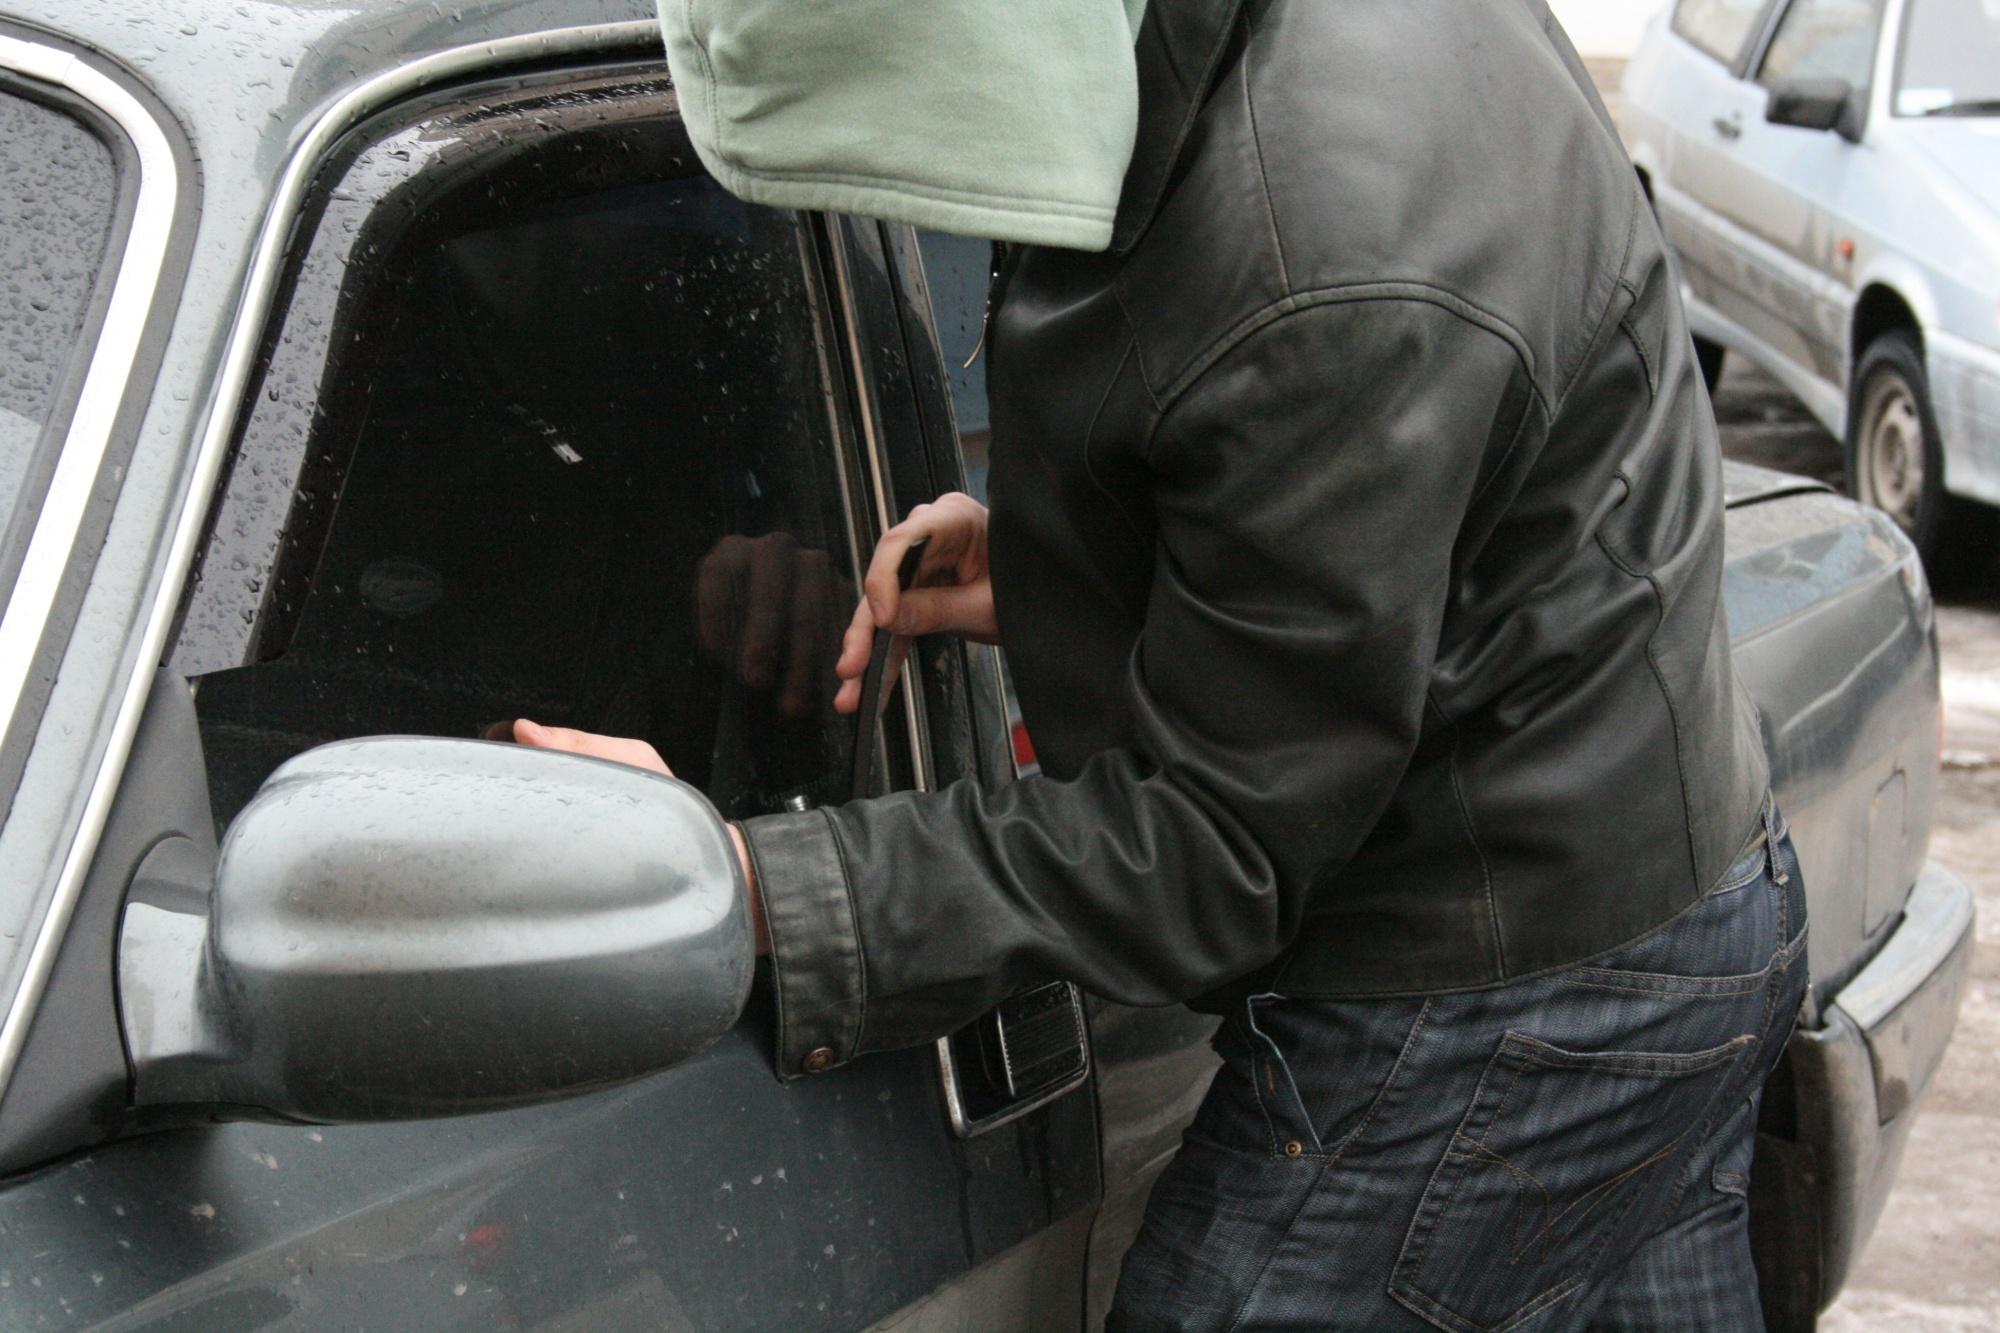 Двое парней из Кардоникской и Сторожевой промышляли кражами из автомобилей в Черкесске